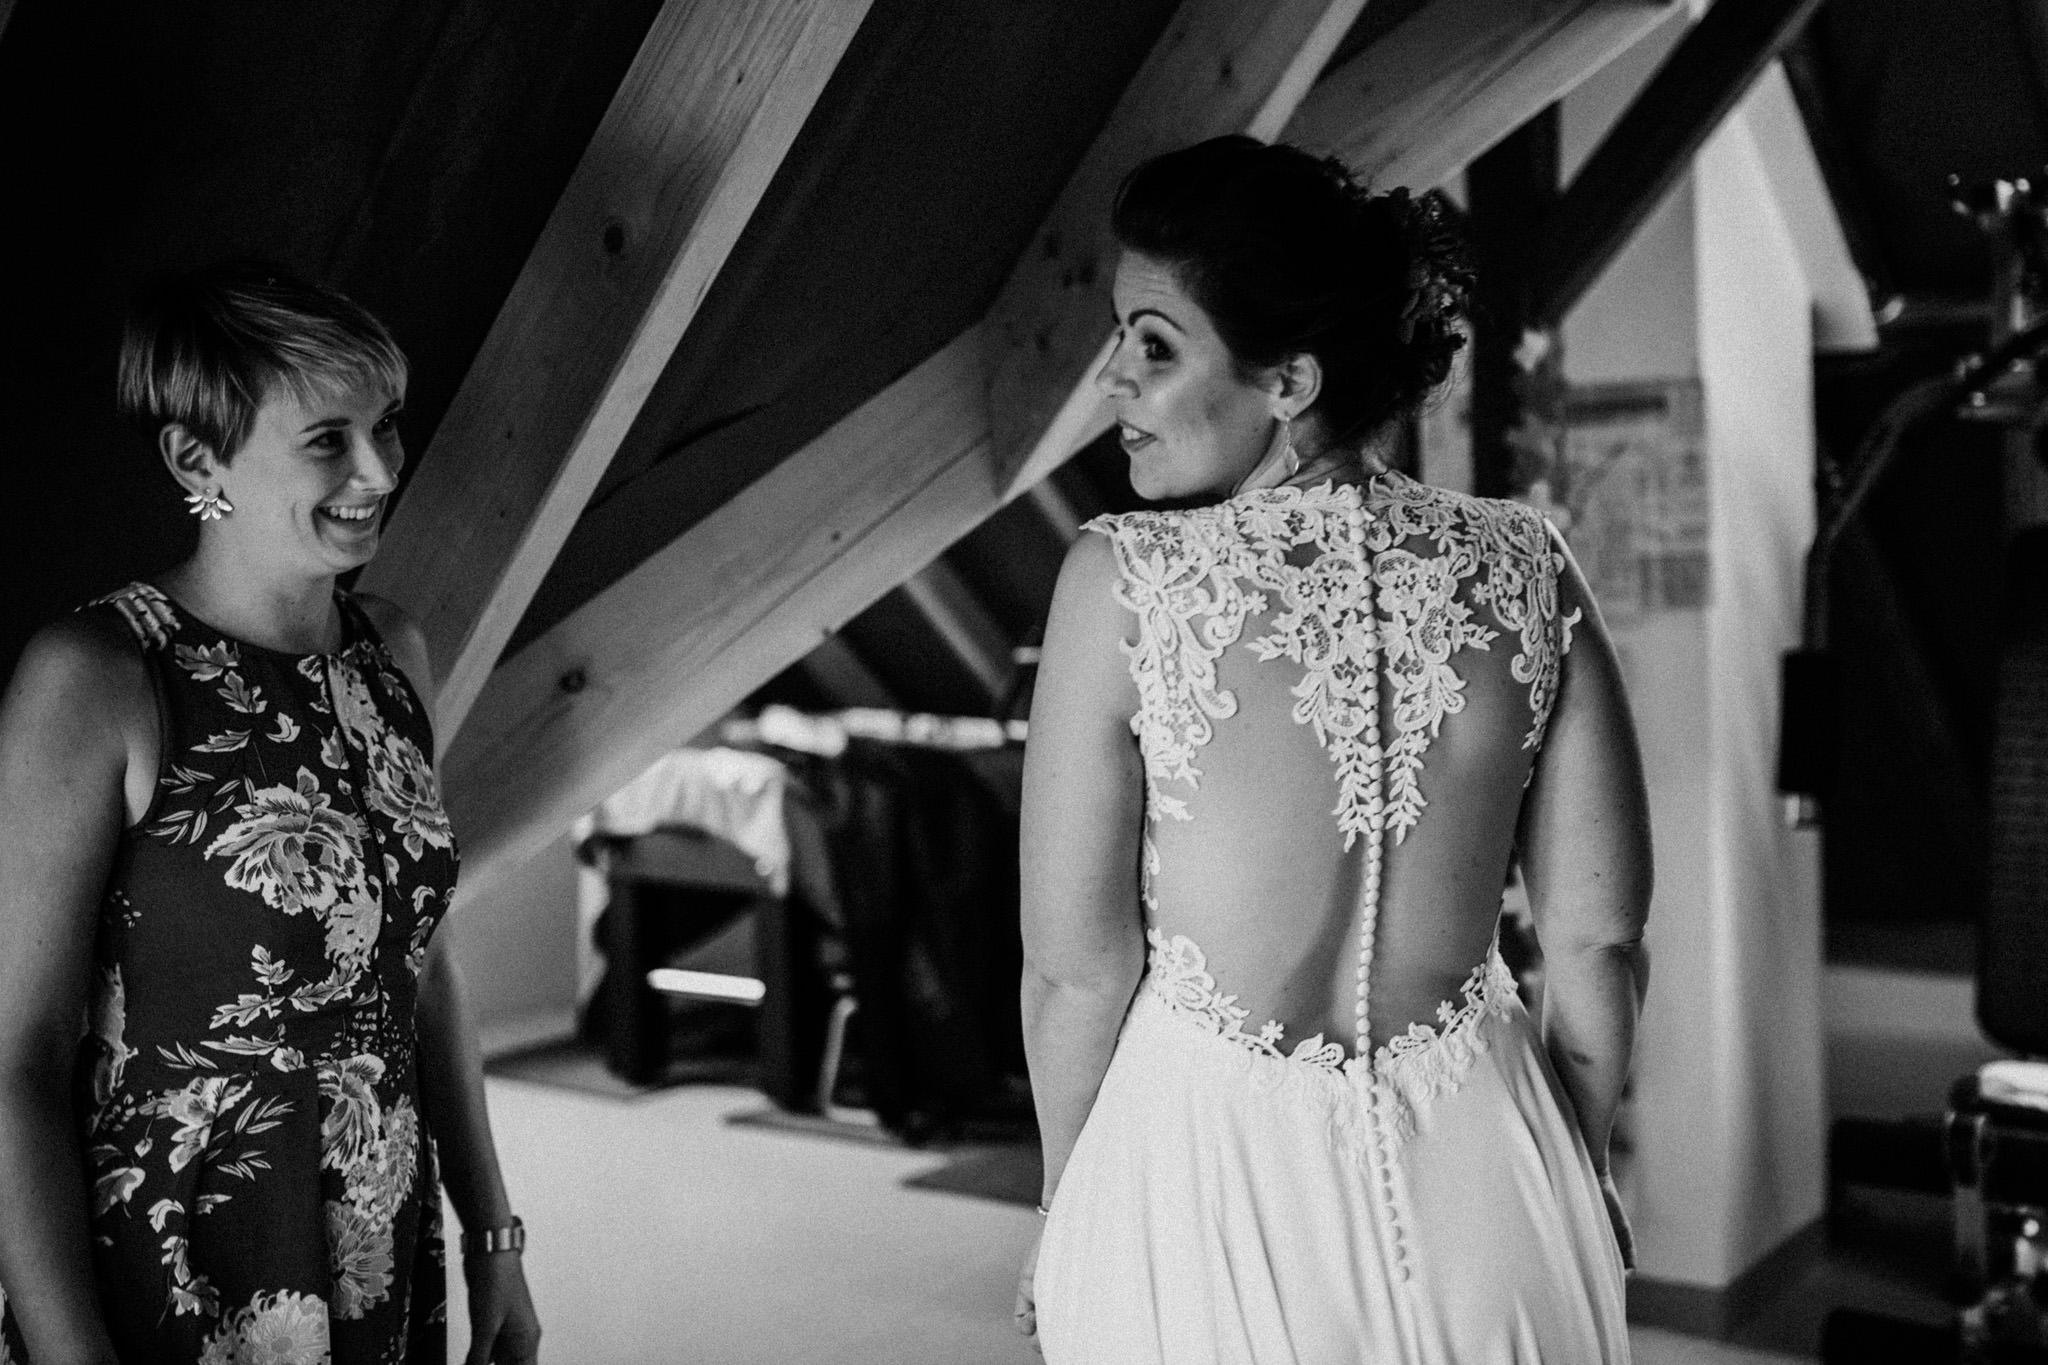 Braut im Kleid in schwarzweiß